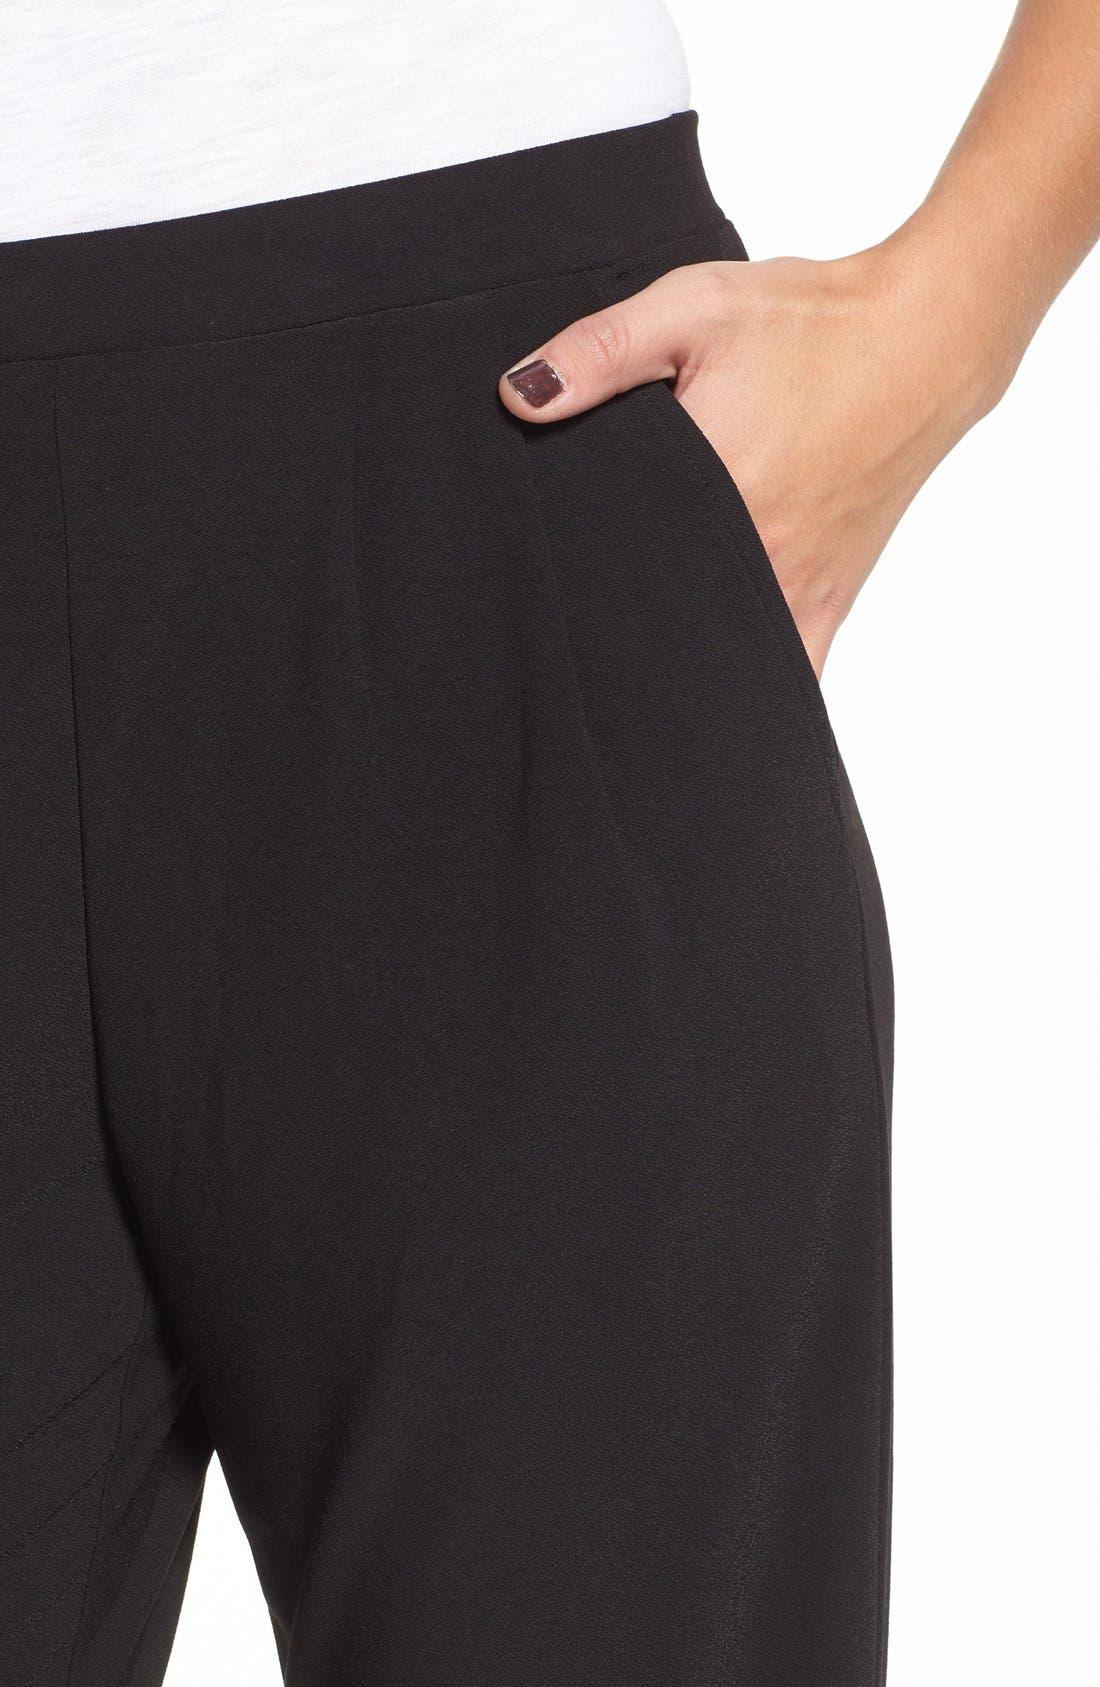 Pleat Front Trousers,                             Alternate thumbnail 10, color,                             BLACK